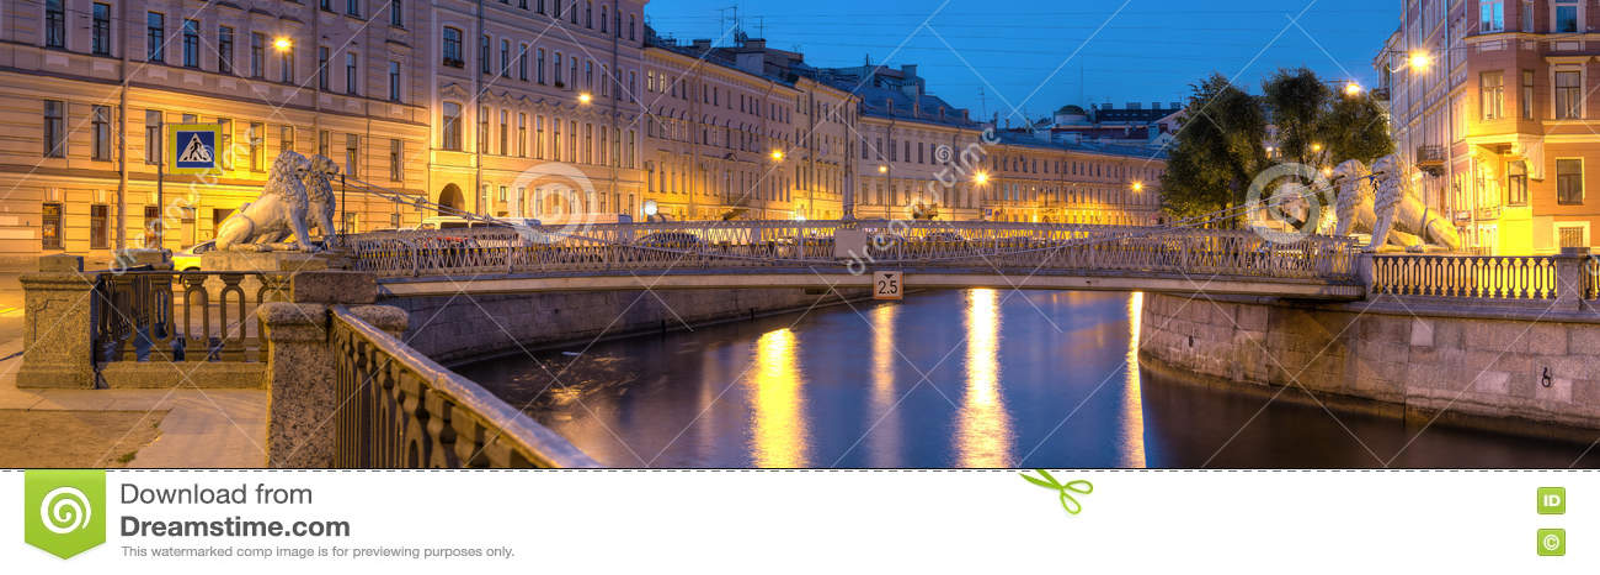 Opinión de la noche sobre el canal de Griboedov y el puente de los leones